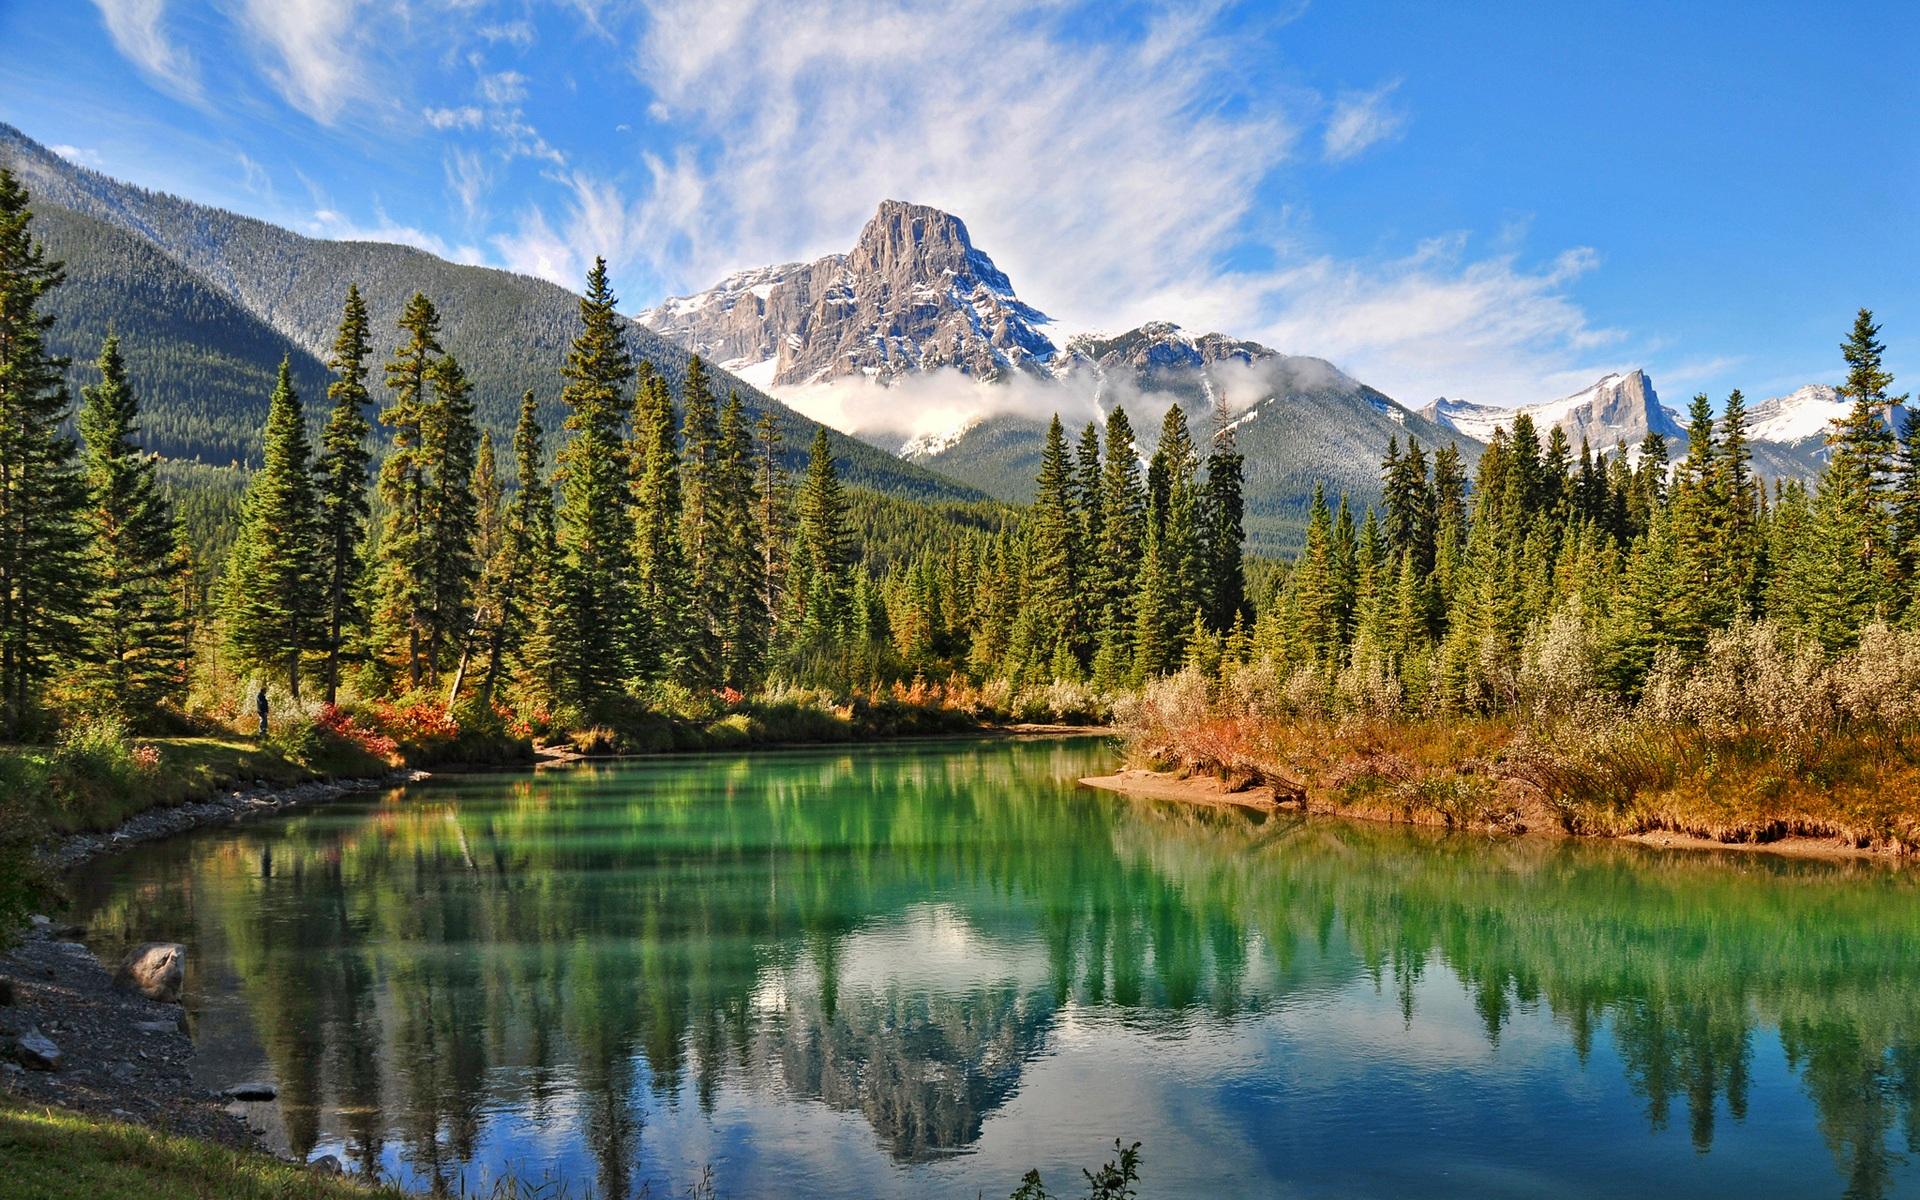 カナダの森の湖の自然景観 壁紙 - 1920x1200    1920x1200 壁紙ダウンロー